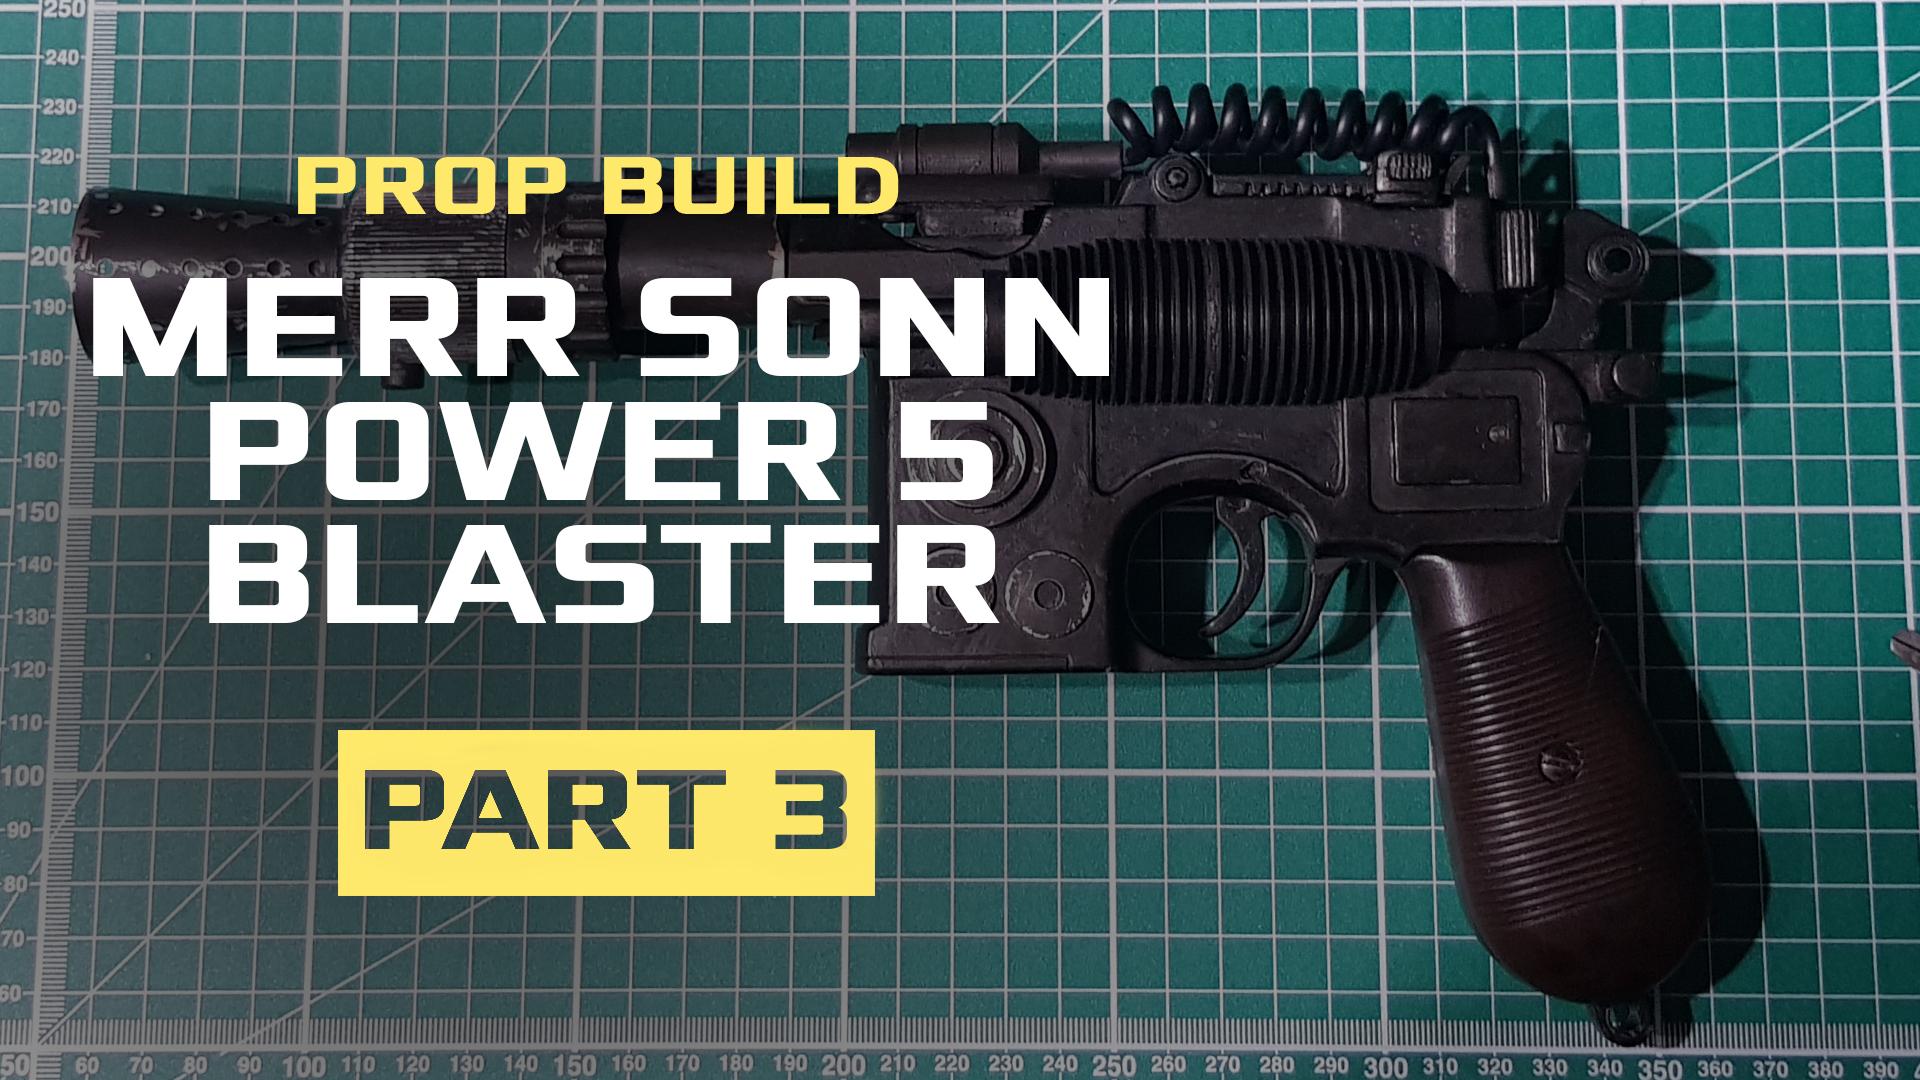 Merr Sonn Power 5 Imperial Blaster: